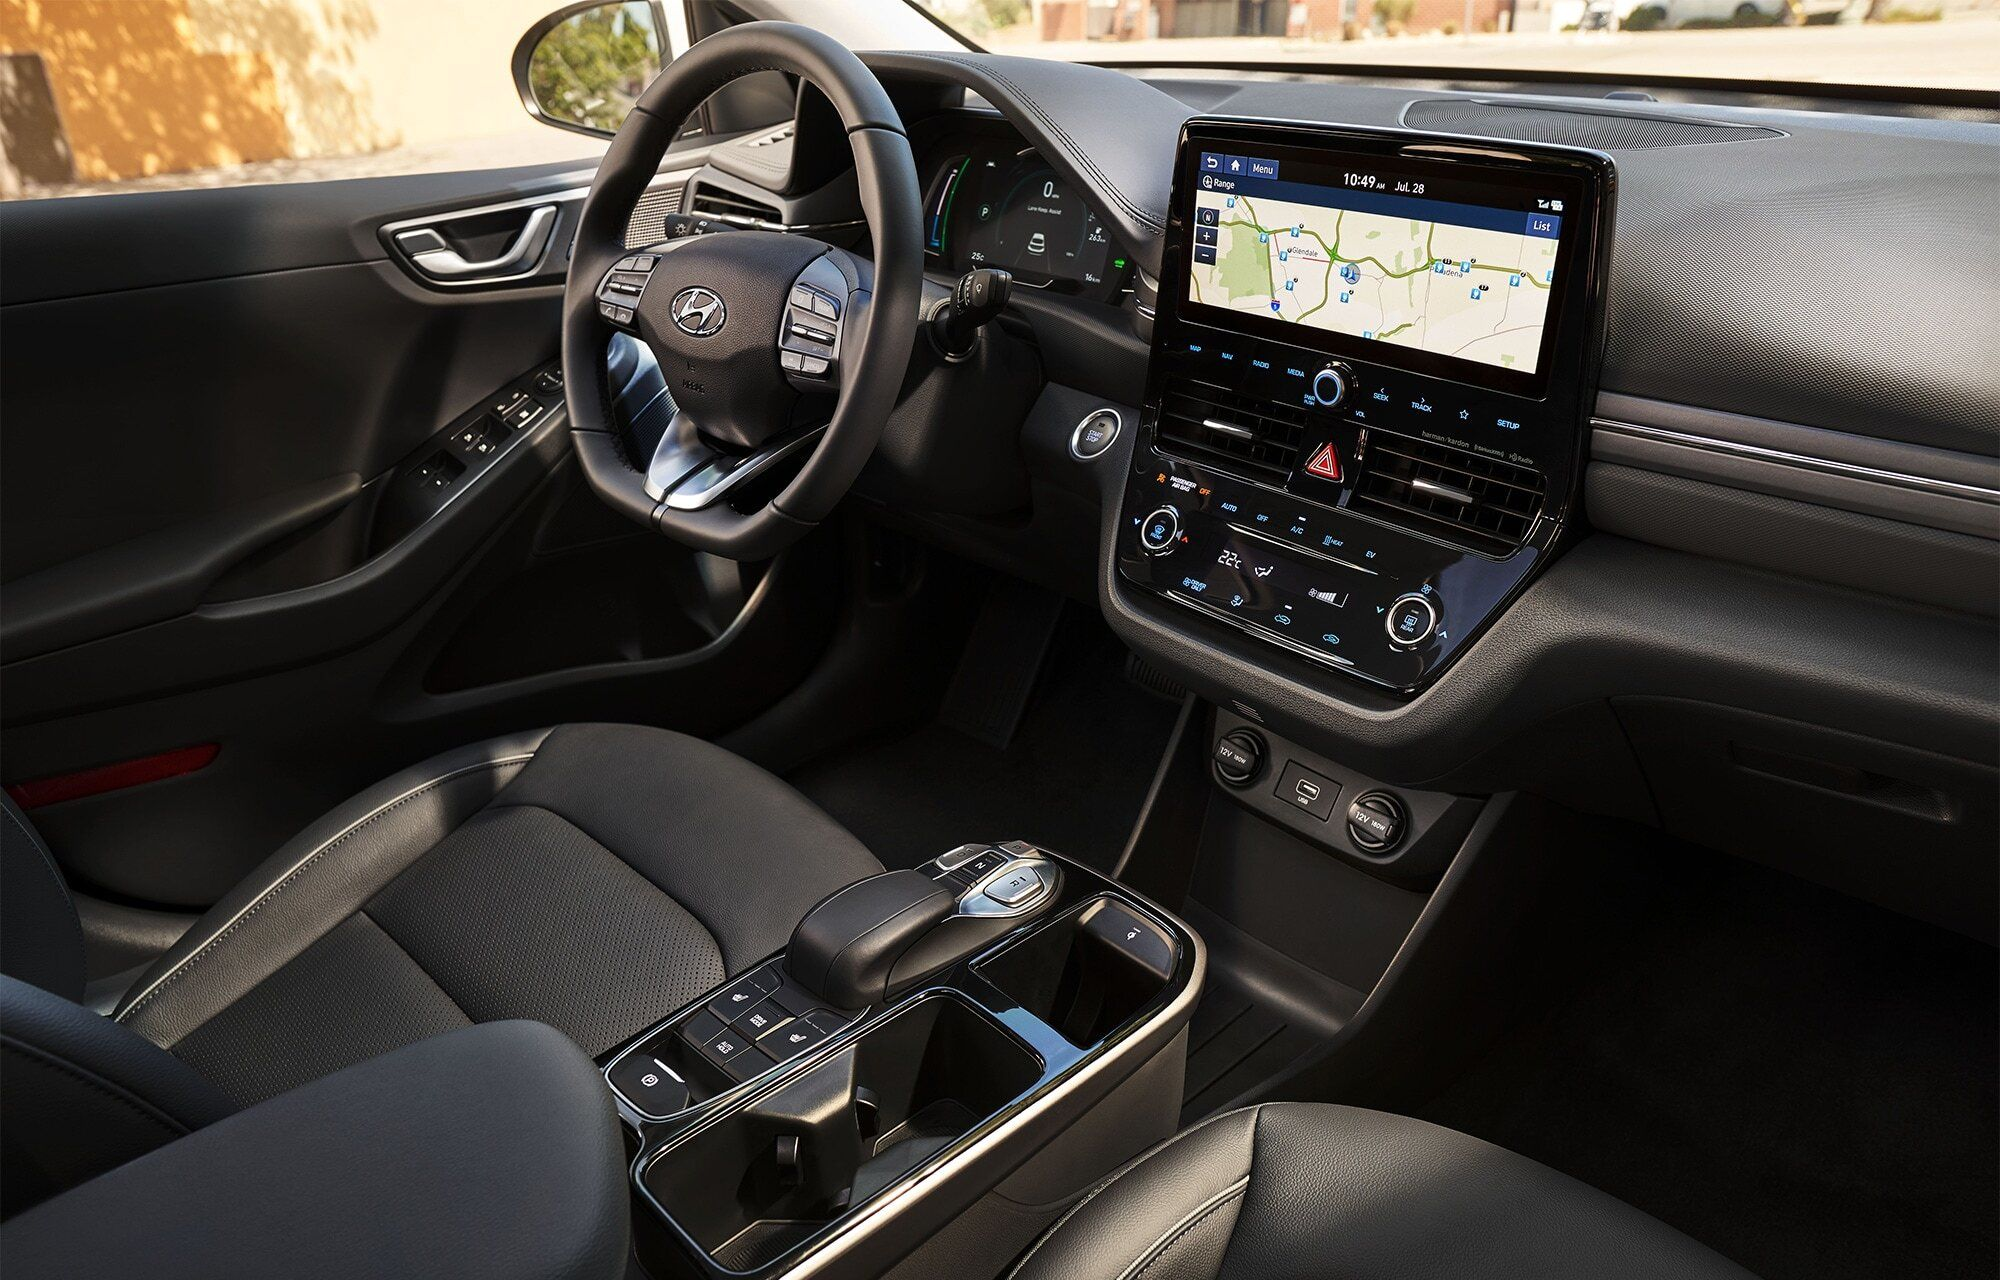 ارزان ترین خودرو الکتریکی هیوندای معرفی شد